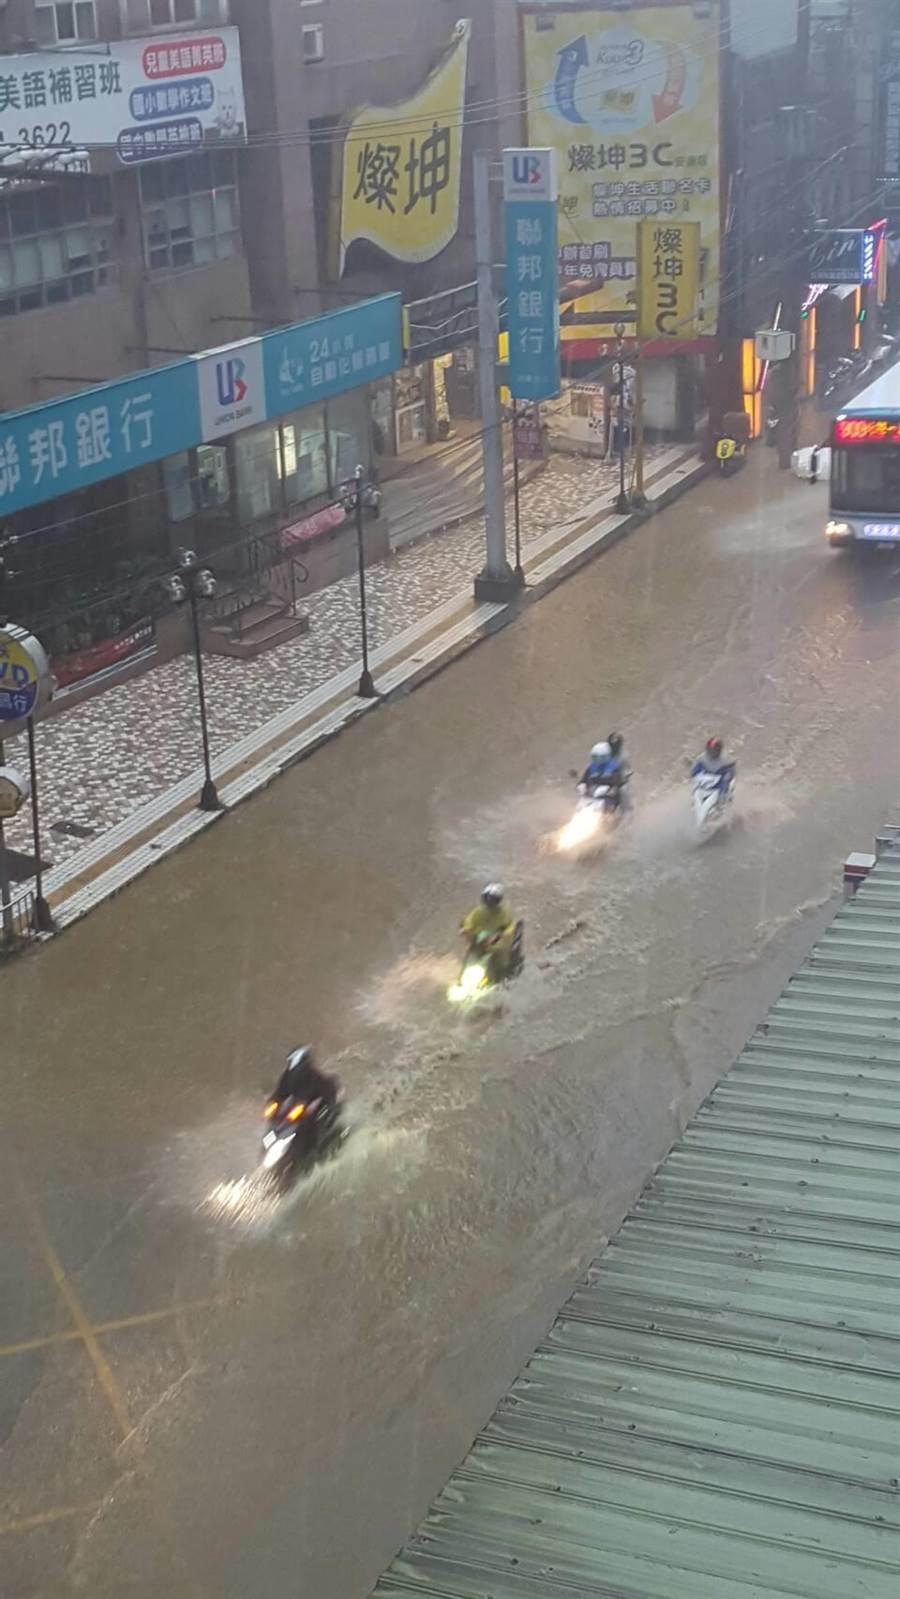 新北市午後突然大雨狂瀉,新店區安康路二段目前淹水10至20公分,雙向無法通行。(廖智怡翻攝)